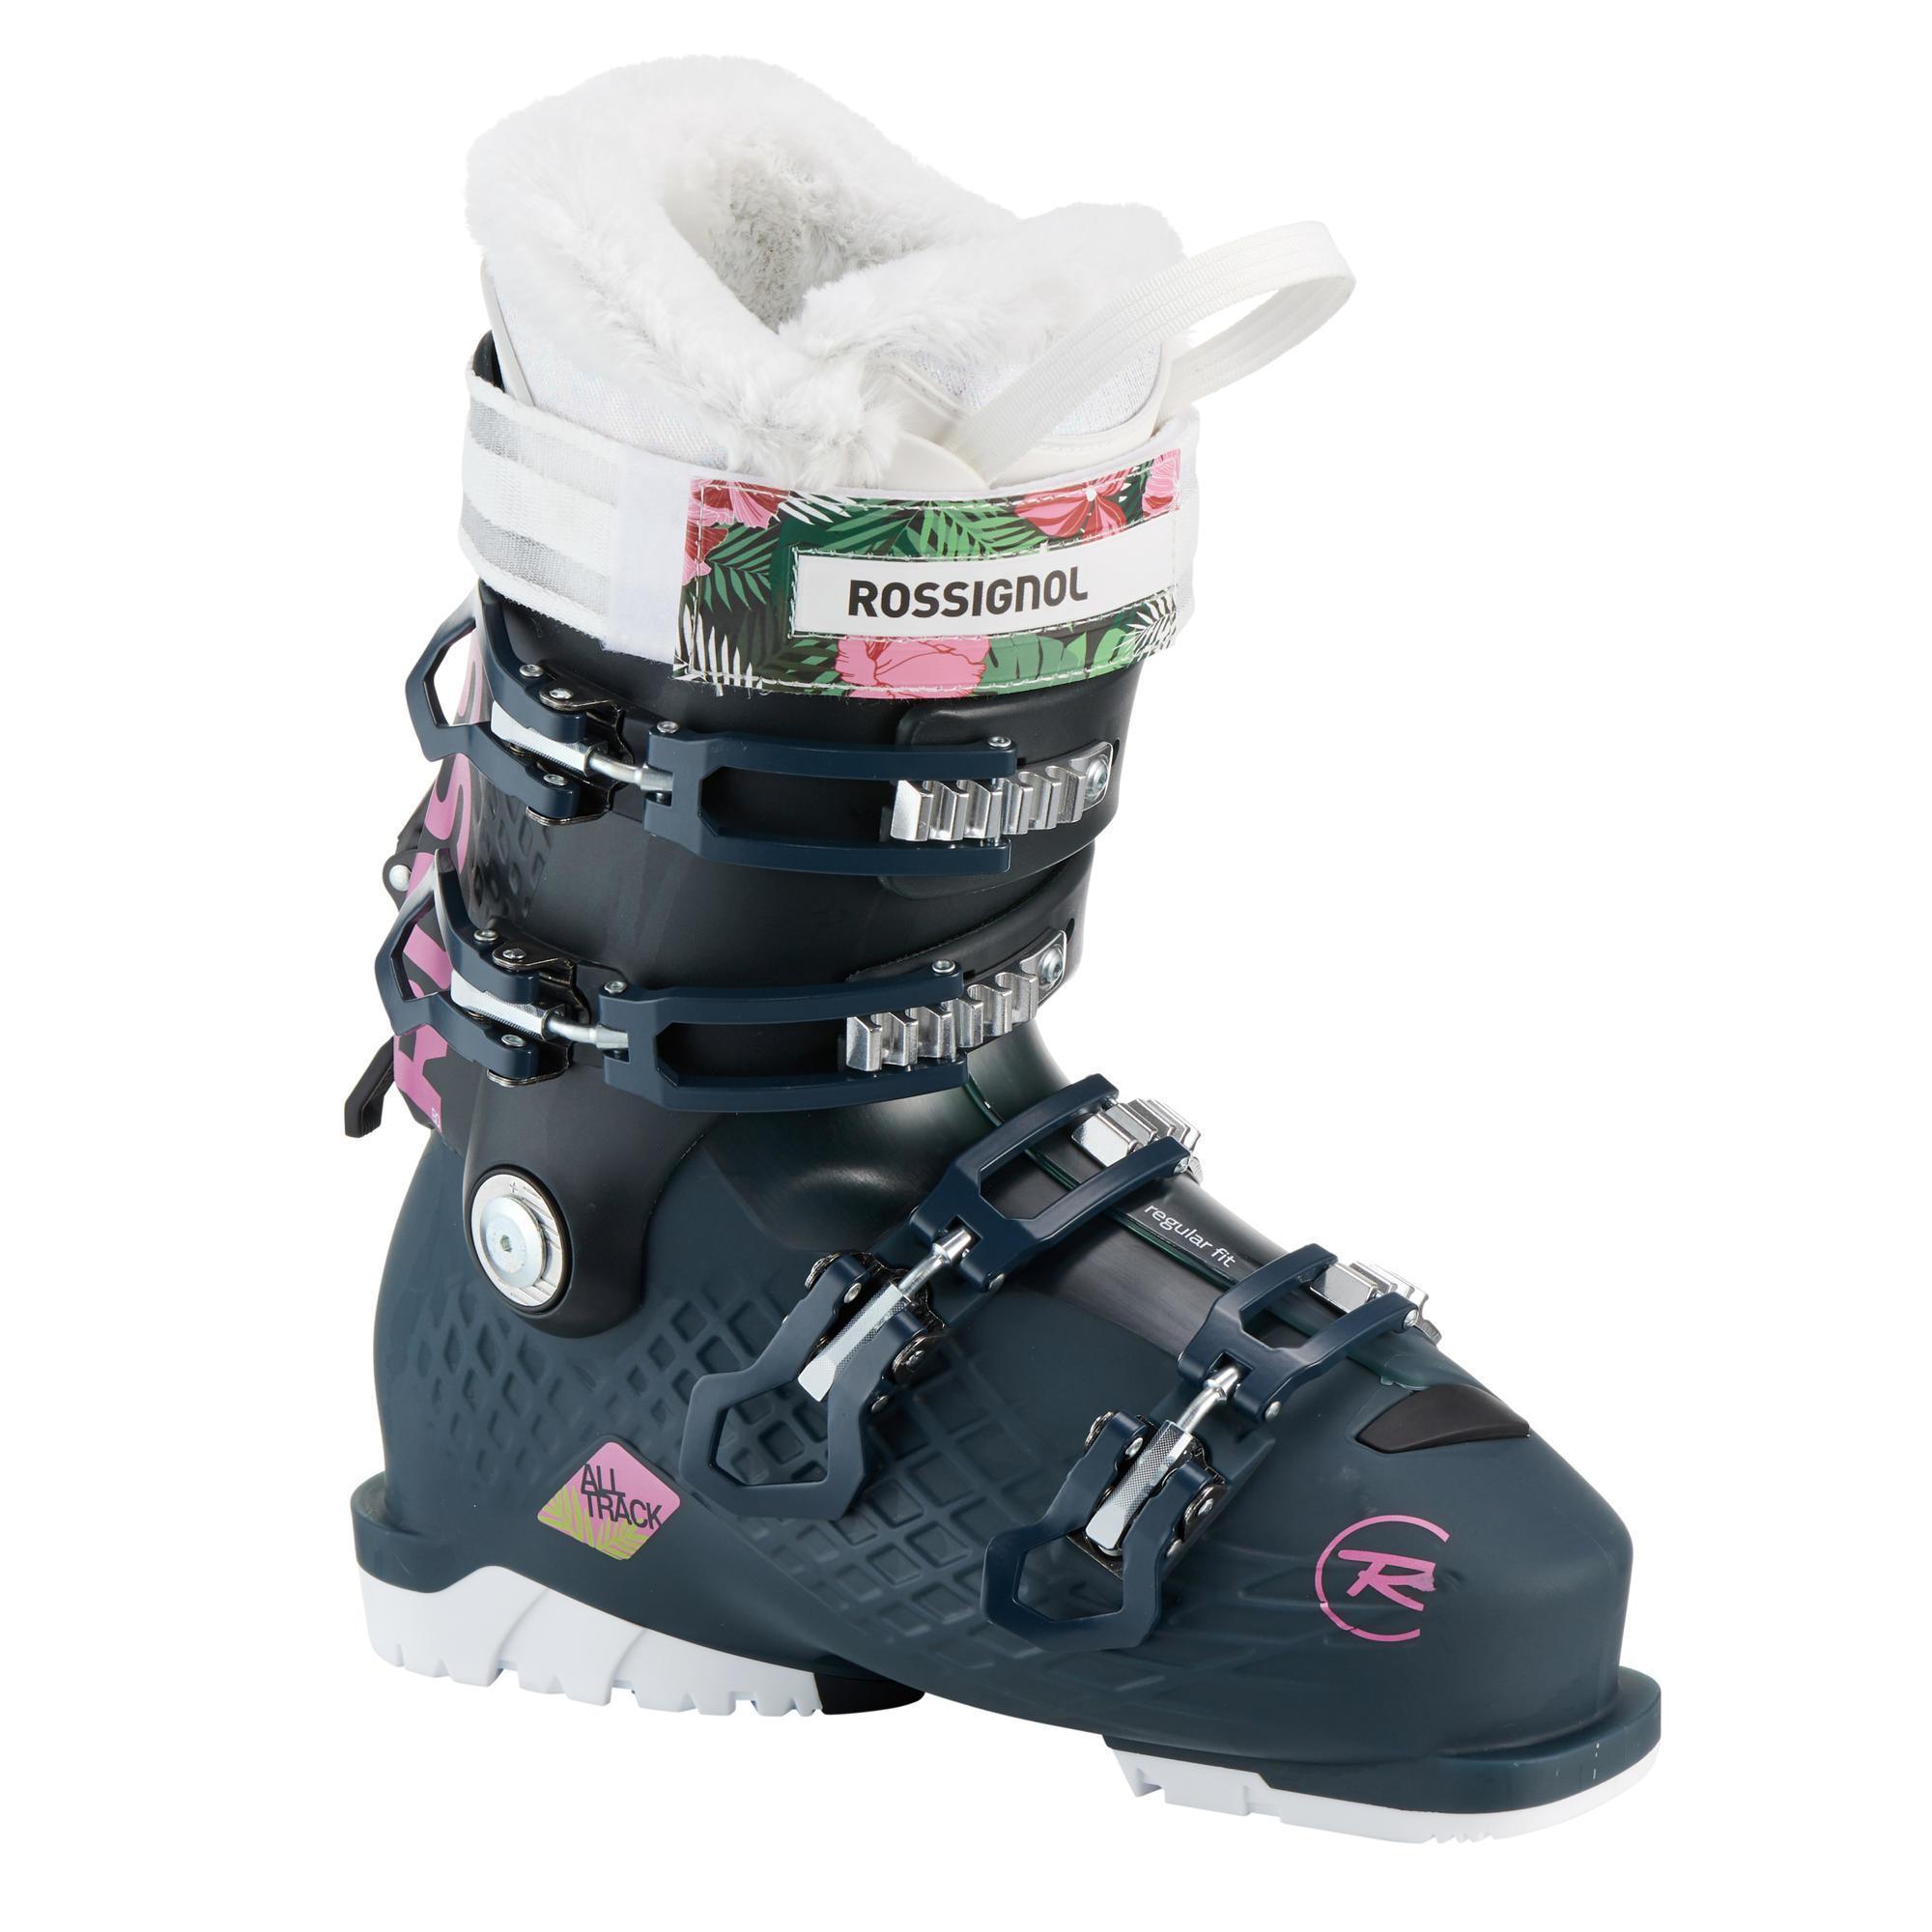 Chaussures de Ski Rossignol ALLTRACK80 2020 pour Femmes - Tailles au choix